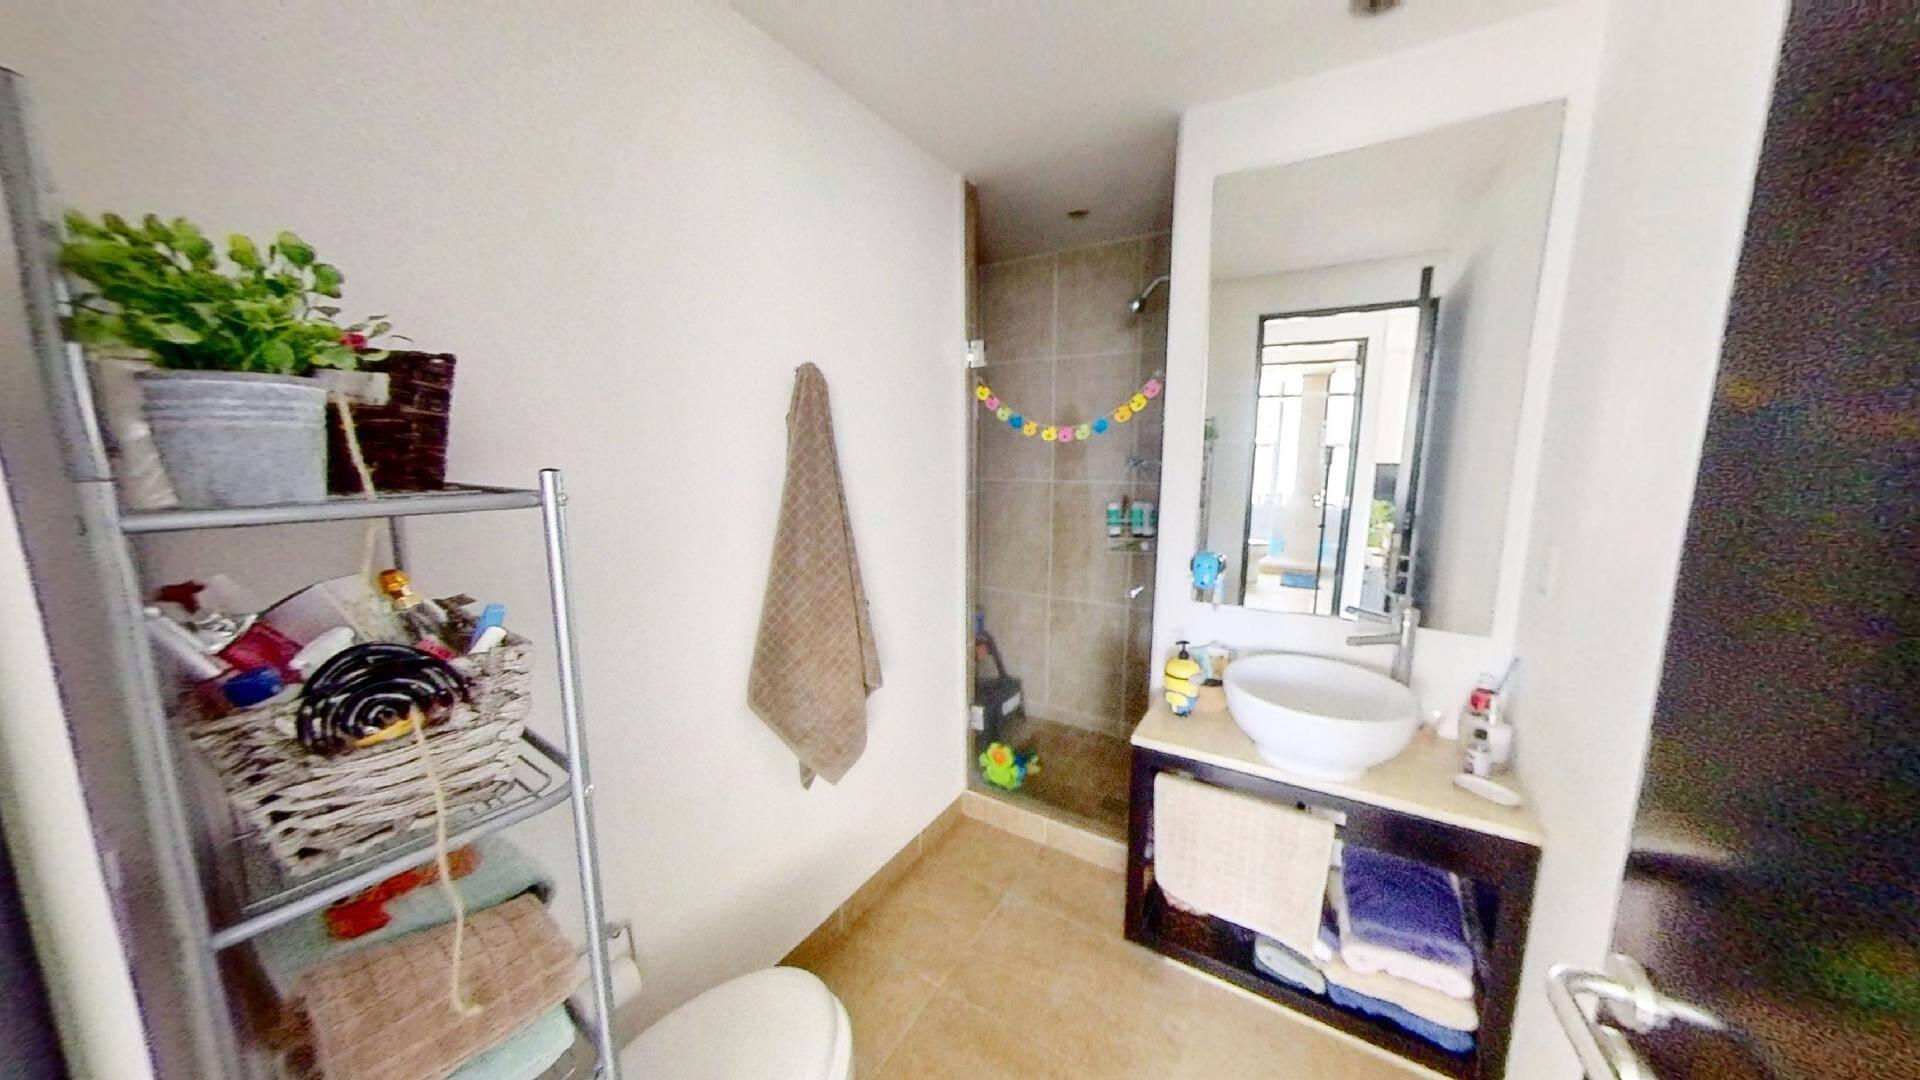 Departamento 2 recámaras en venta en Torre Central de Parques Polanco. Baño